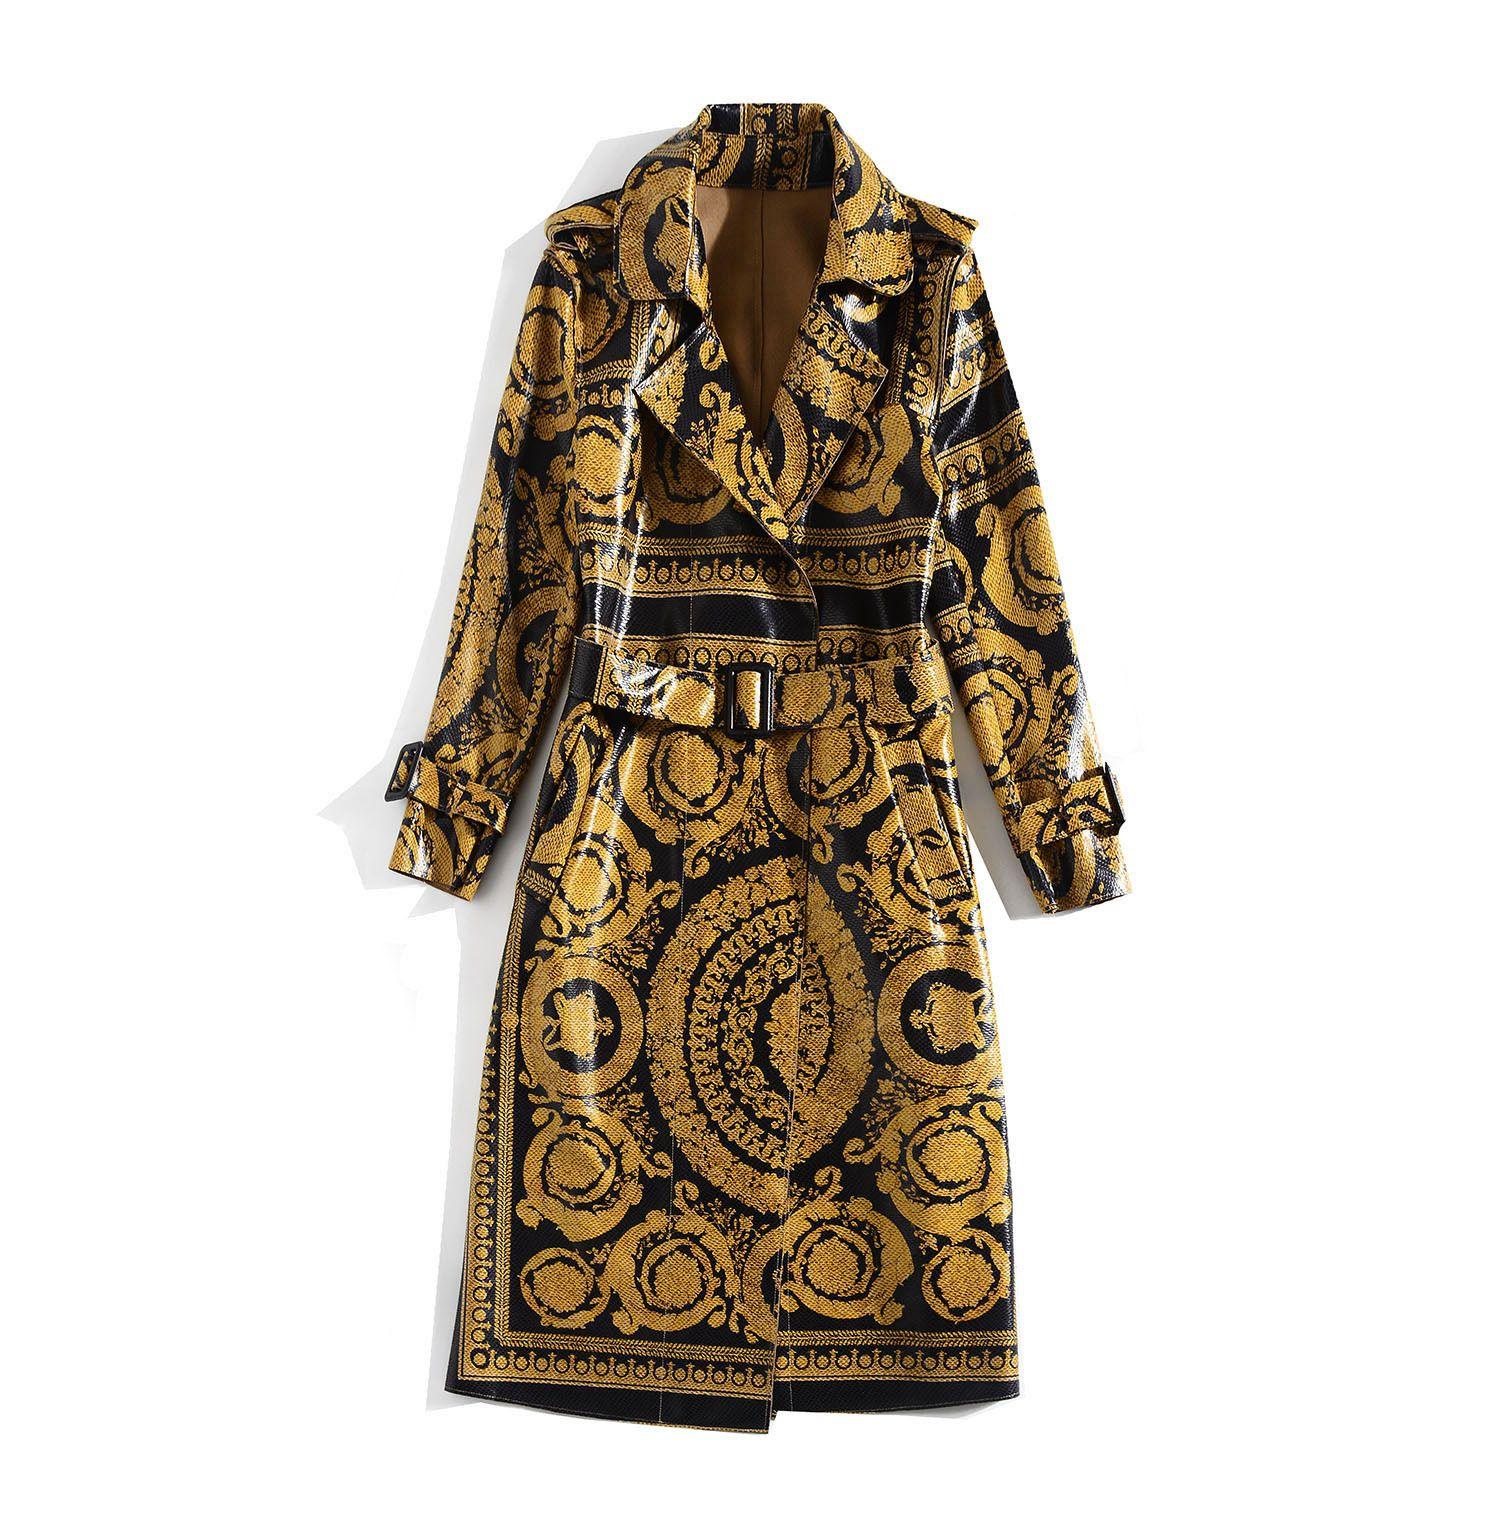 1112 XL 2020 Spedizione gratuita Autunno Cappotto Autunno Khaki Manica Lunga Button Collo Brand Fashion Womens Vestiti JQ